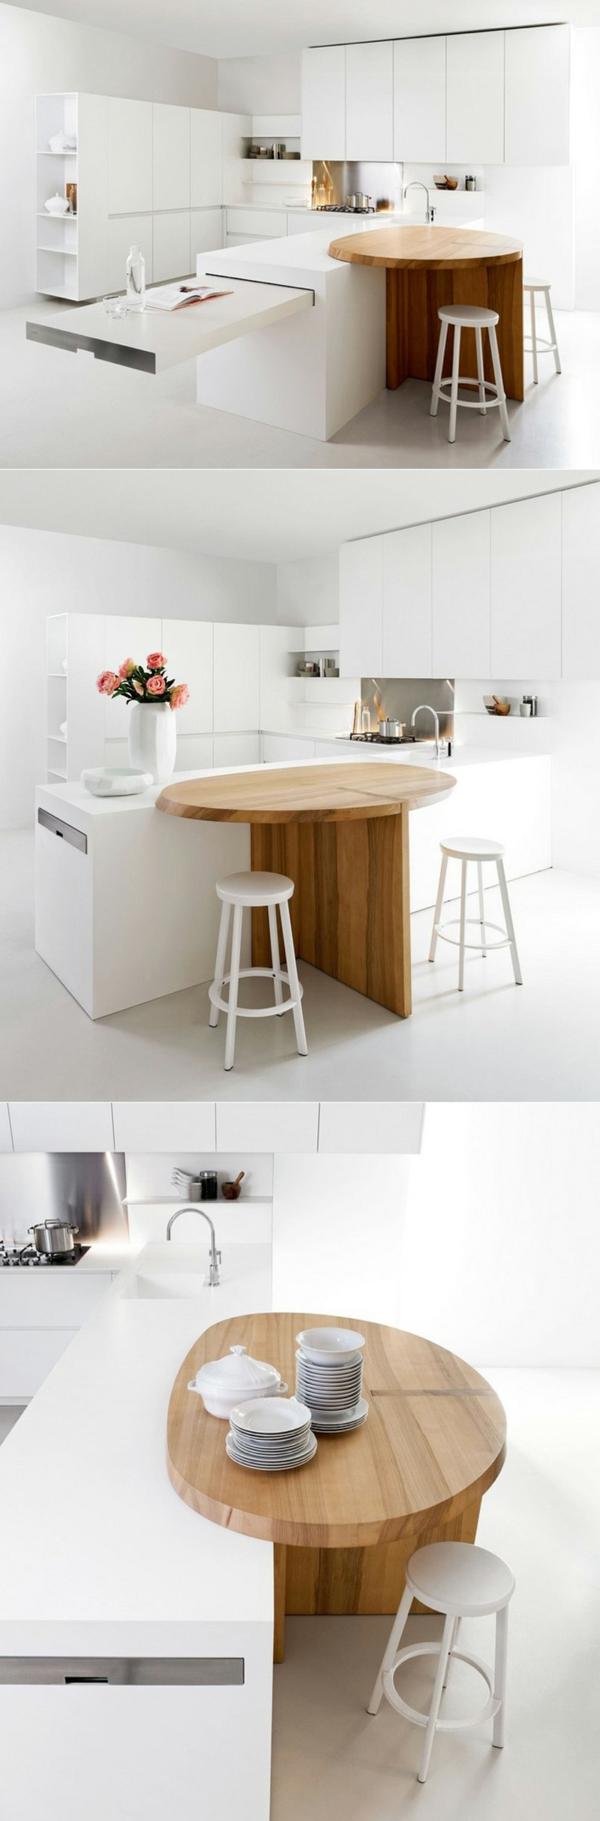 arbeitsplatte küche weiß ovaler tisch holztextur